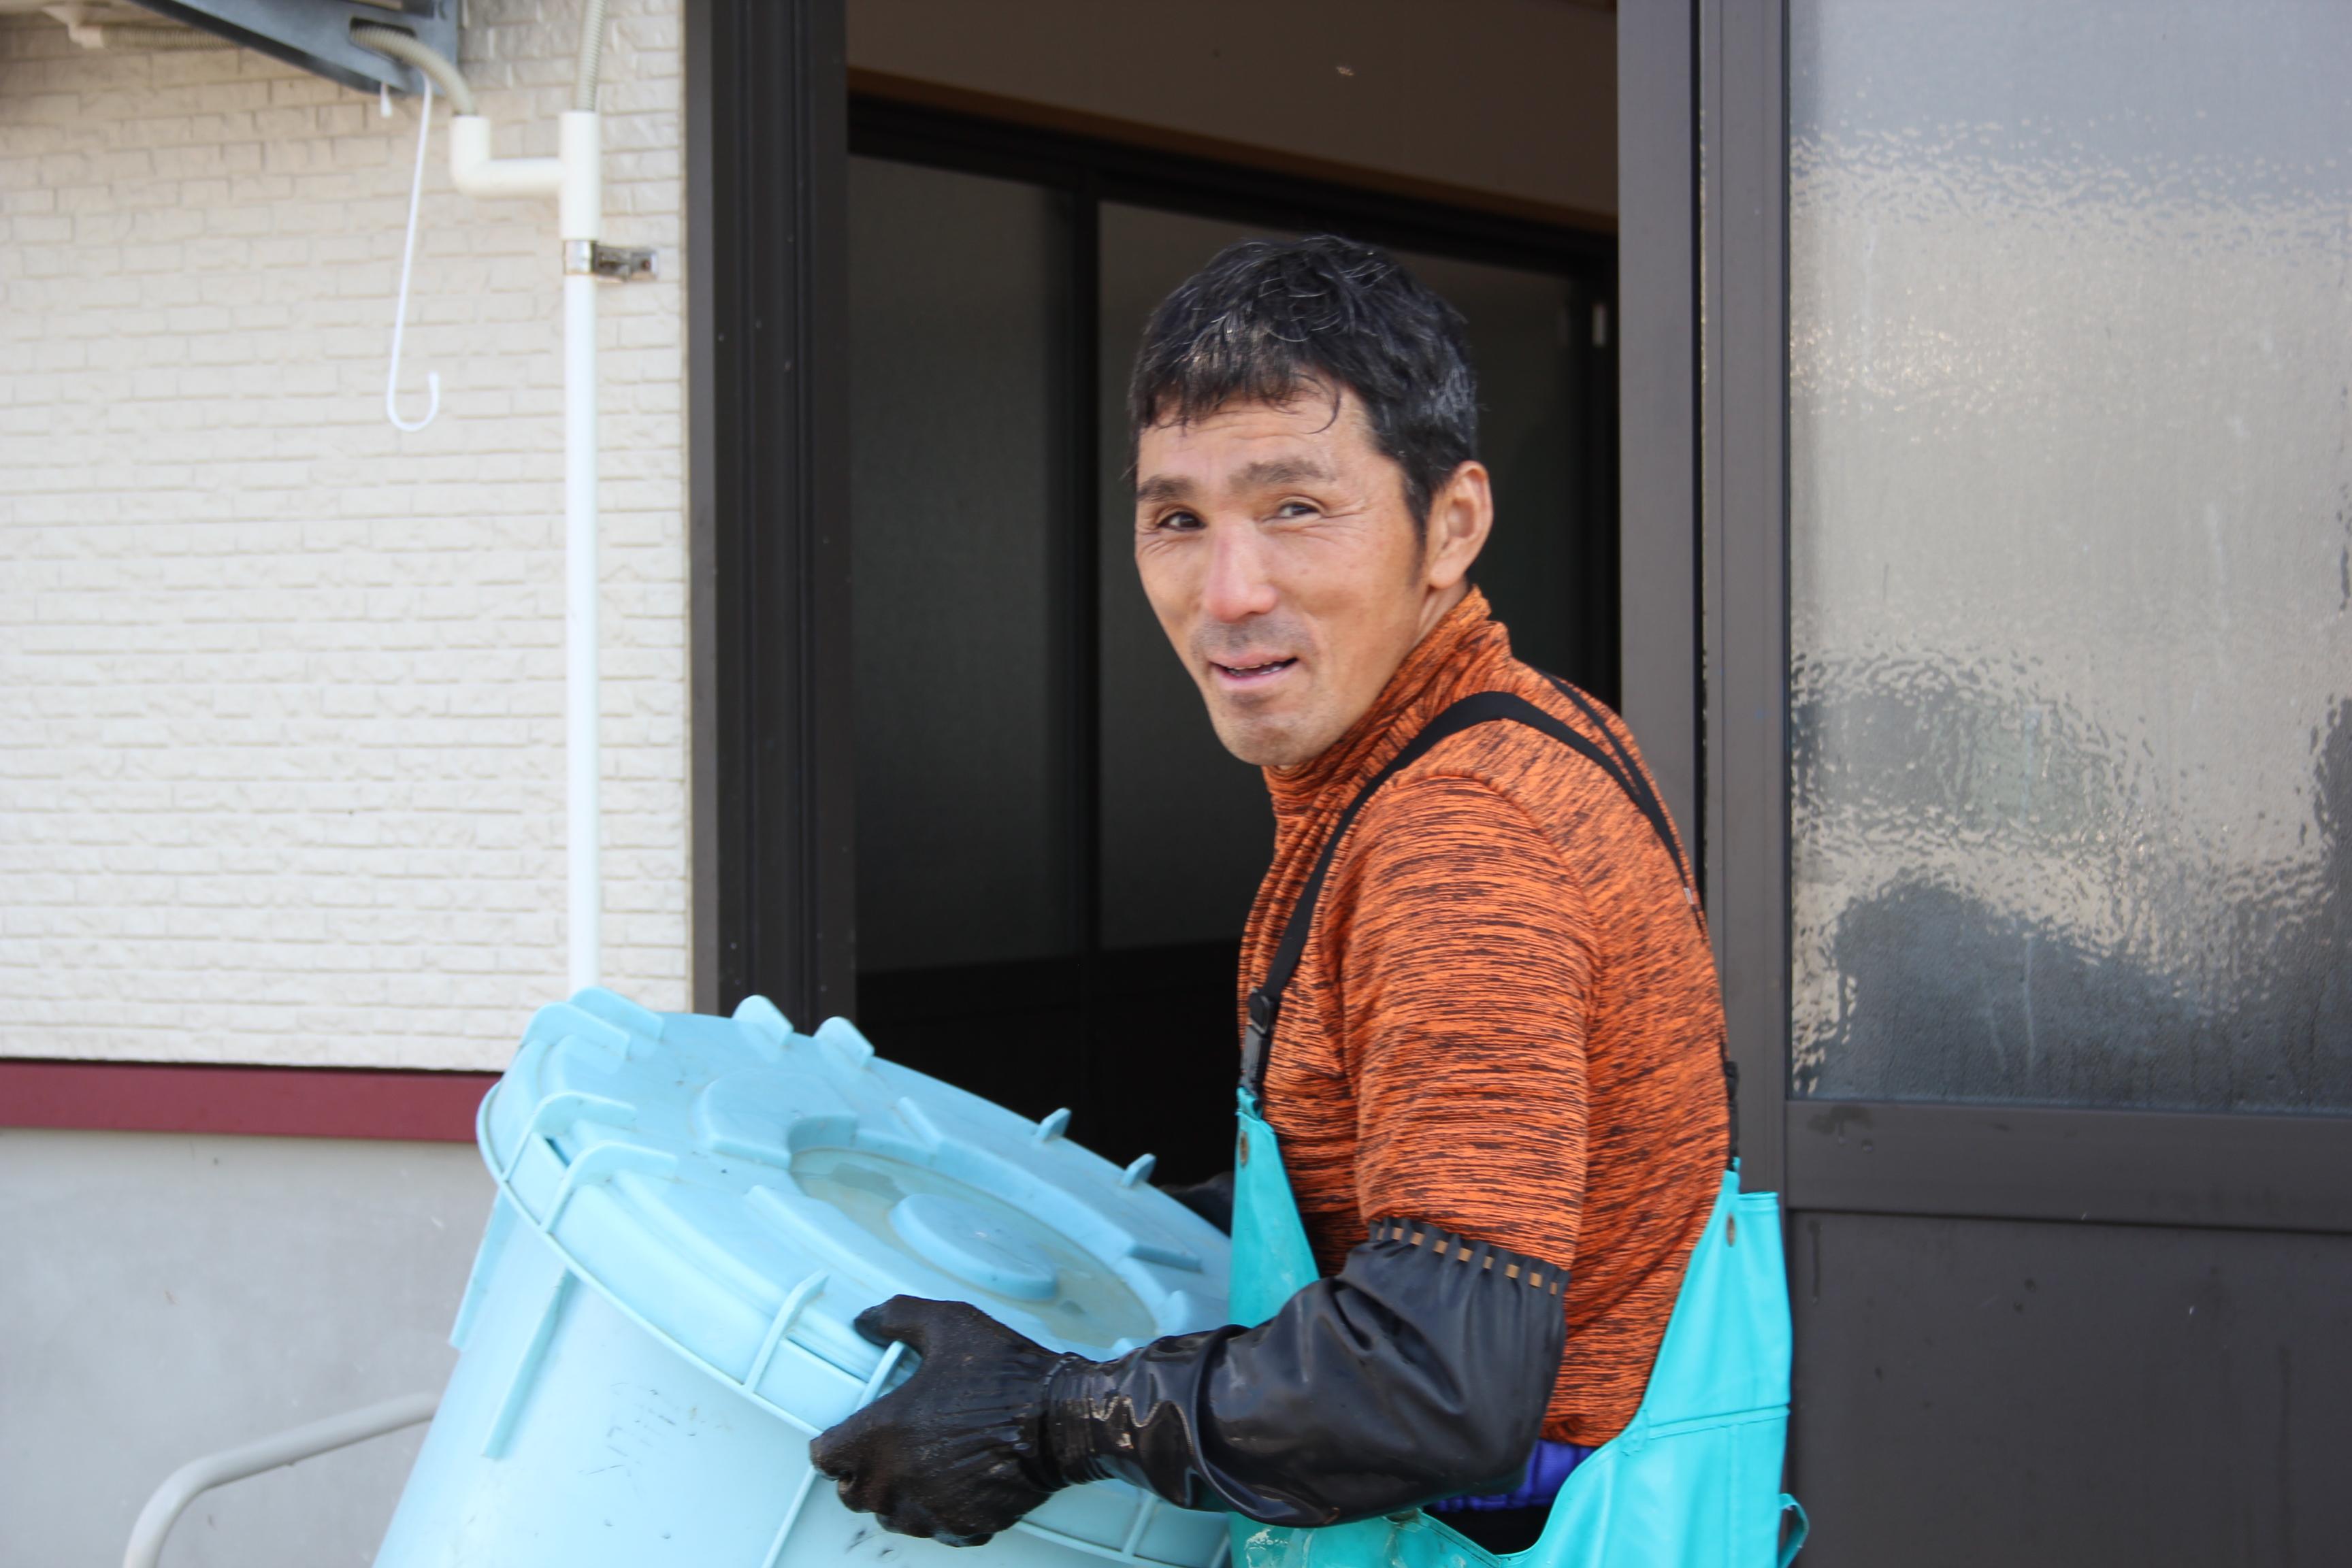 【宮城/漁師求人/養殖】チャレンジ精神旺盛な人歓迎します – ホヤ・牡蠣養殖漁業 / 東福丸